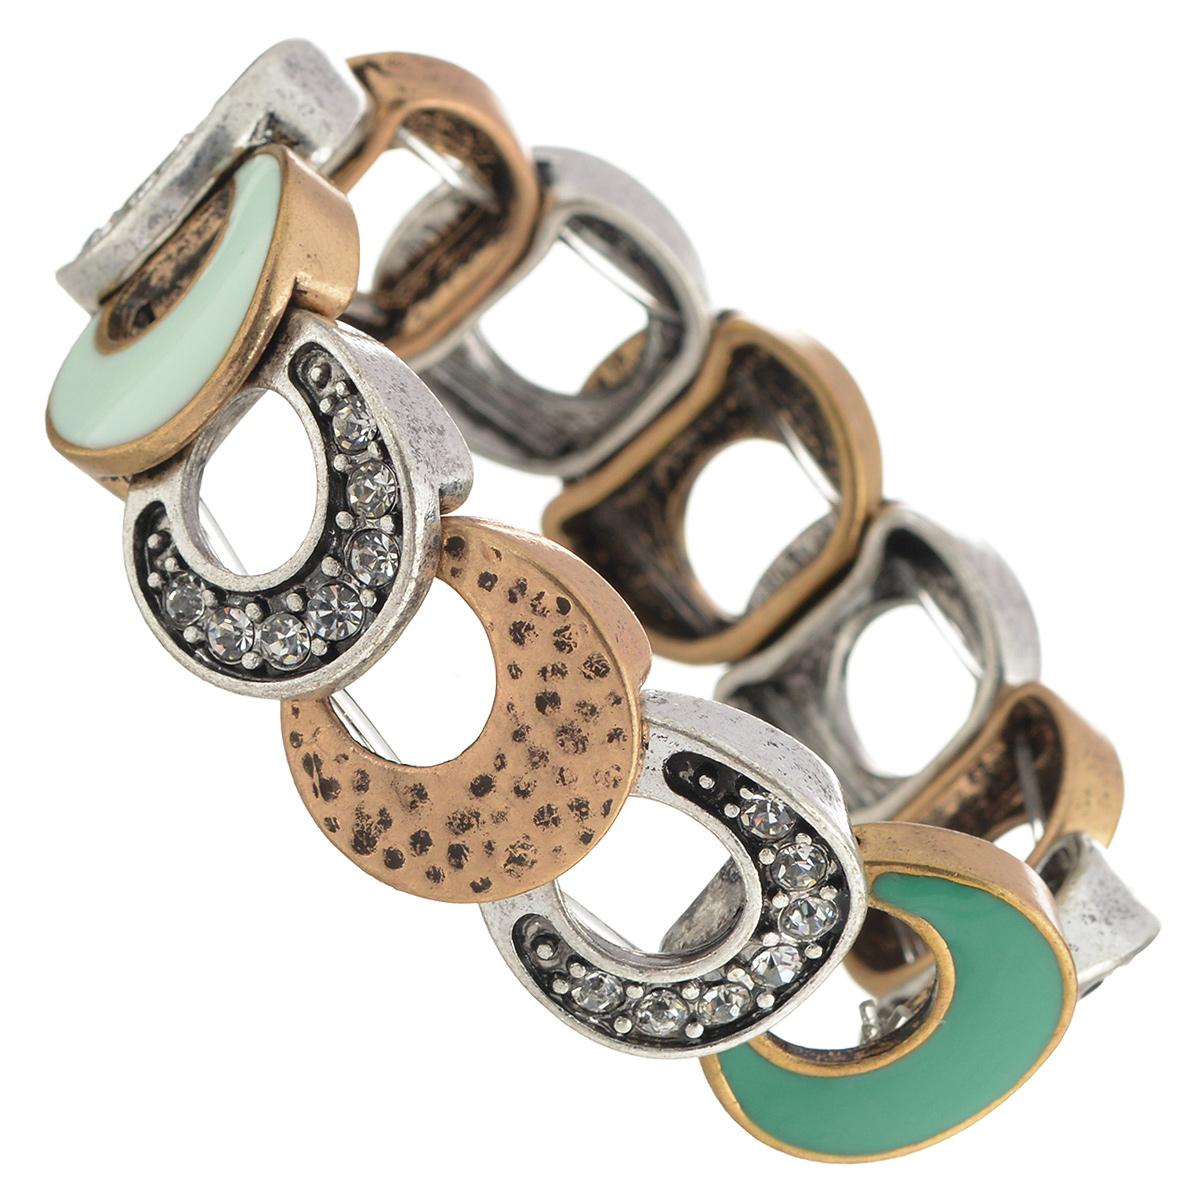 Браслет Selena Street Fashion, цвет: серебристый, золотистый, белый. 4005383040053830Браслет Selena Street Fashion выполнен из металла с гальваническим покрытием золотом и родием и декорирован вставками из эмали и кристаллами Preciosa. Благодаря резинке браслет может растягиваться, что делает его размер универсальным. Коллекция Street Fashion – бижутерия, которая, как и весь уличный стиль, не обязывает к соответствию строгим стандартам, а позволяет легко и немного играючи выстроить свой образ.